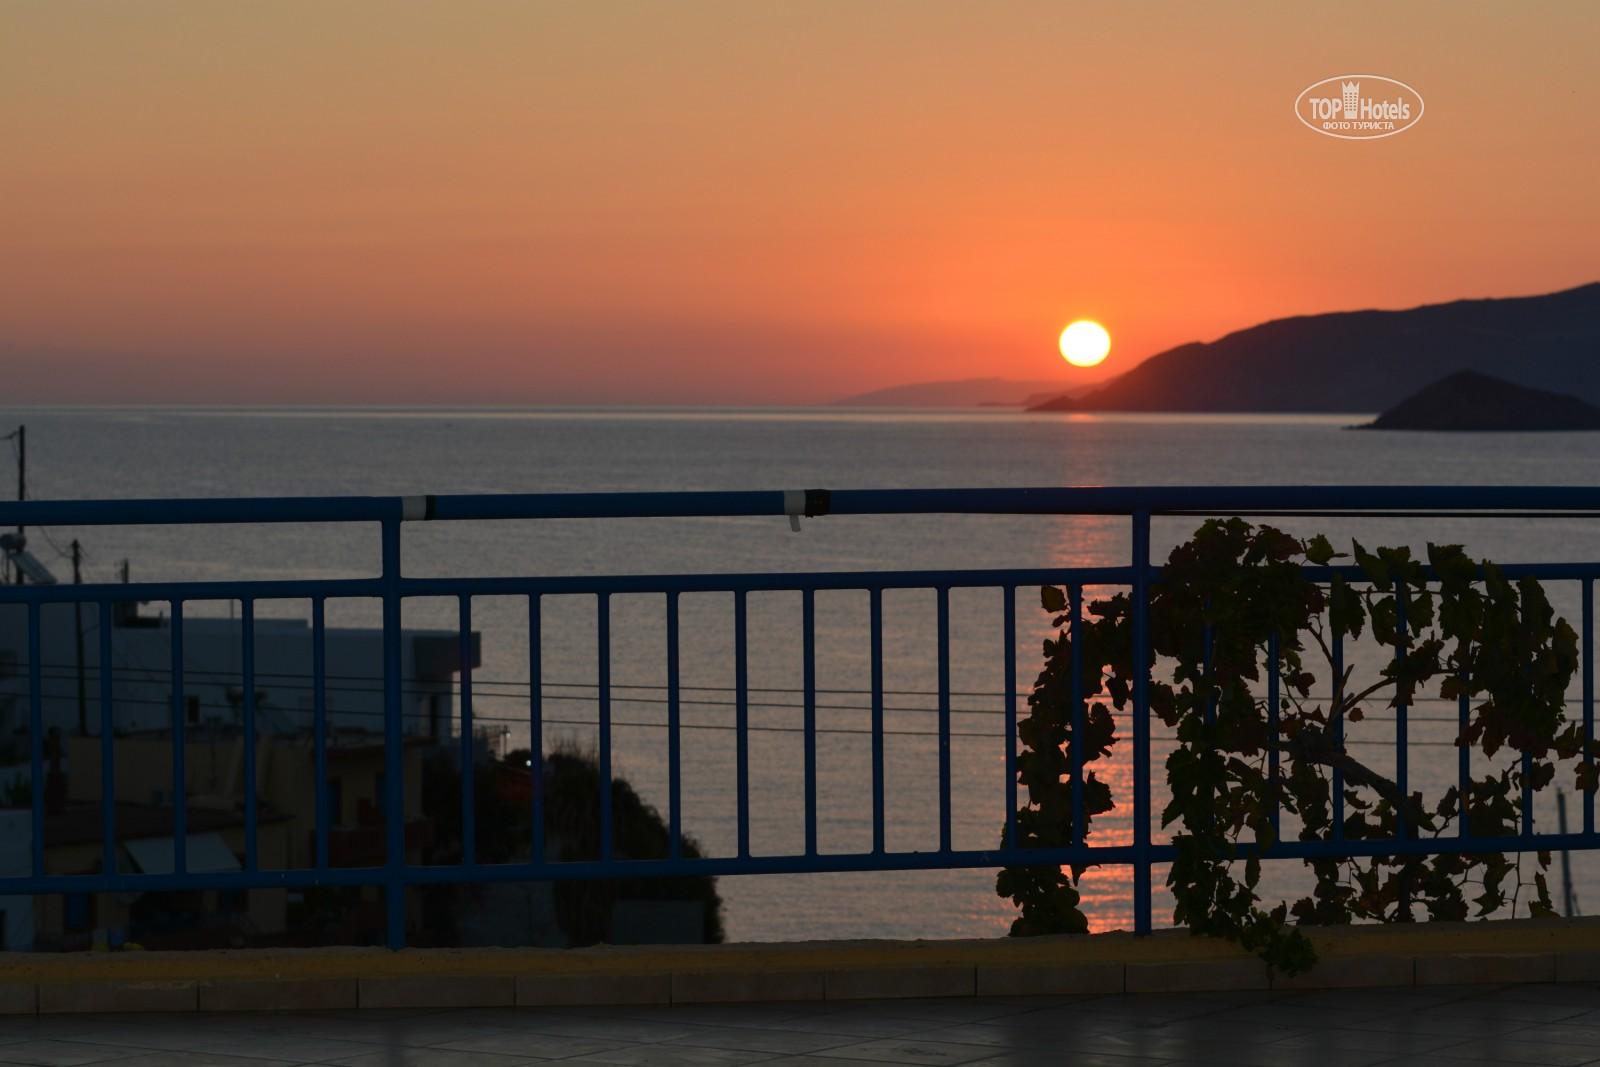 Тури в готель Sofia Mythos Beach Ретімно Греція